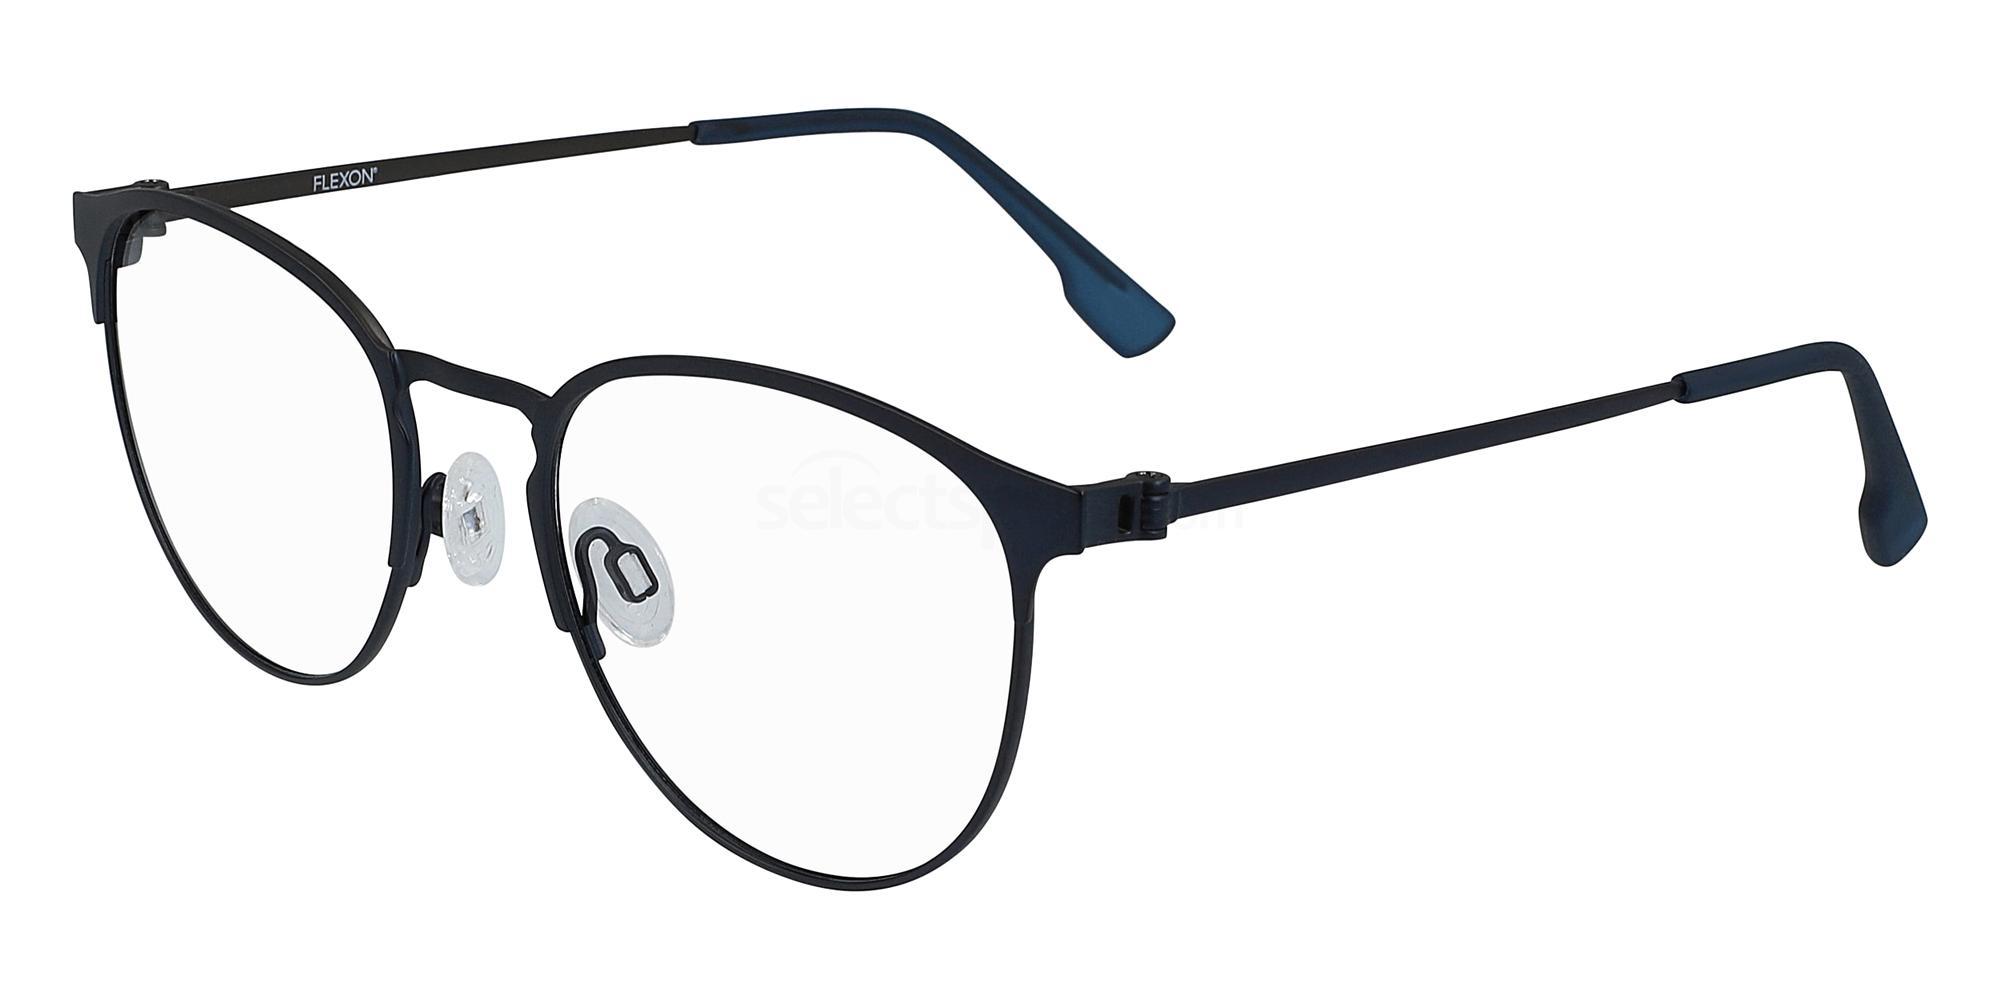 412 FLEXON E1089 Glasses, Flexon